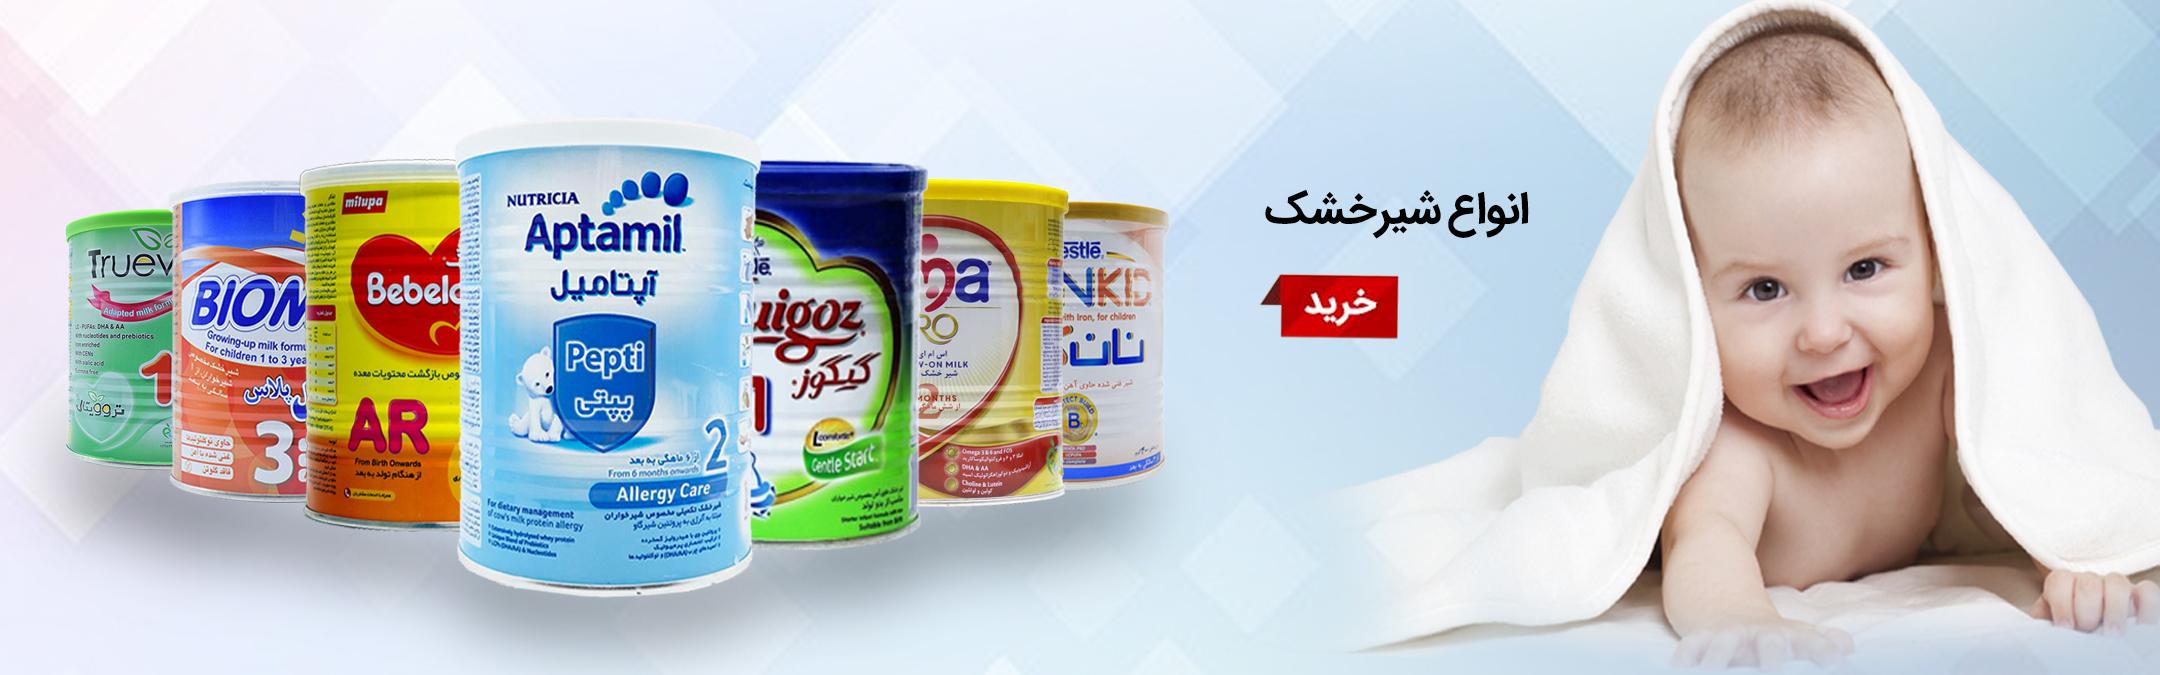 خرید انواع شیرخشک